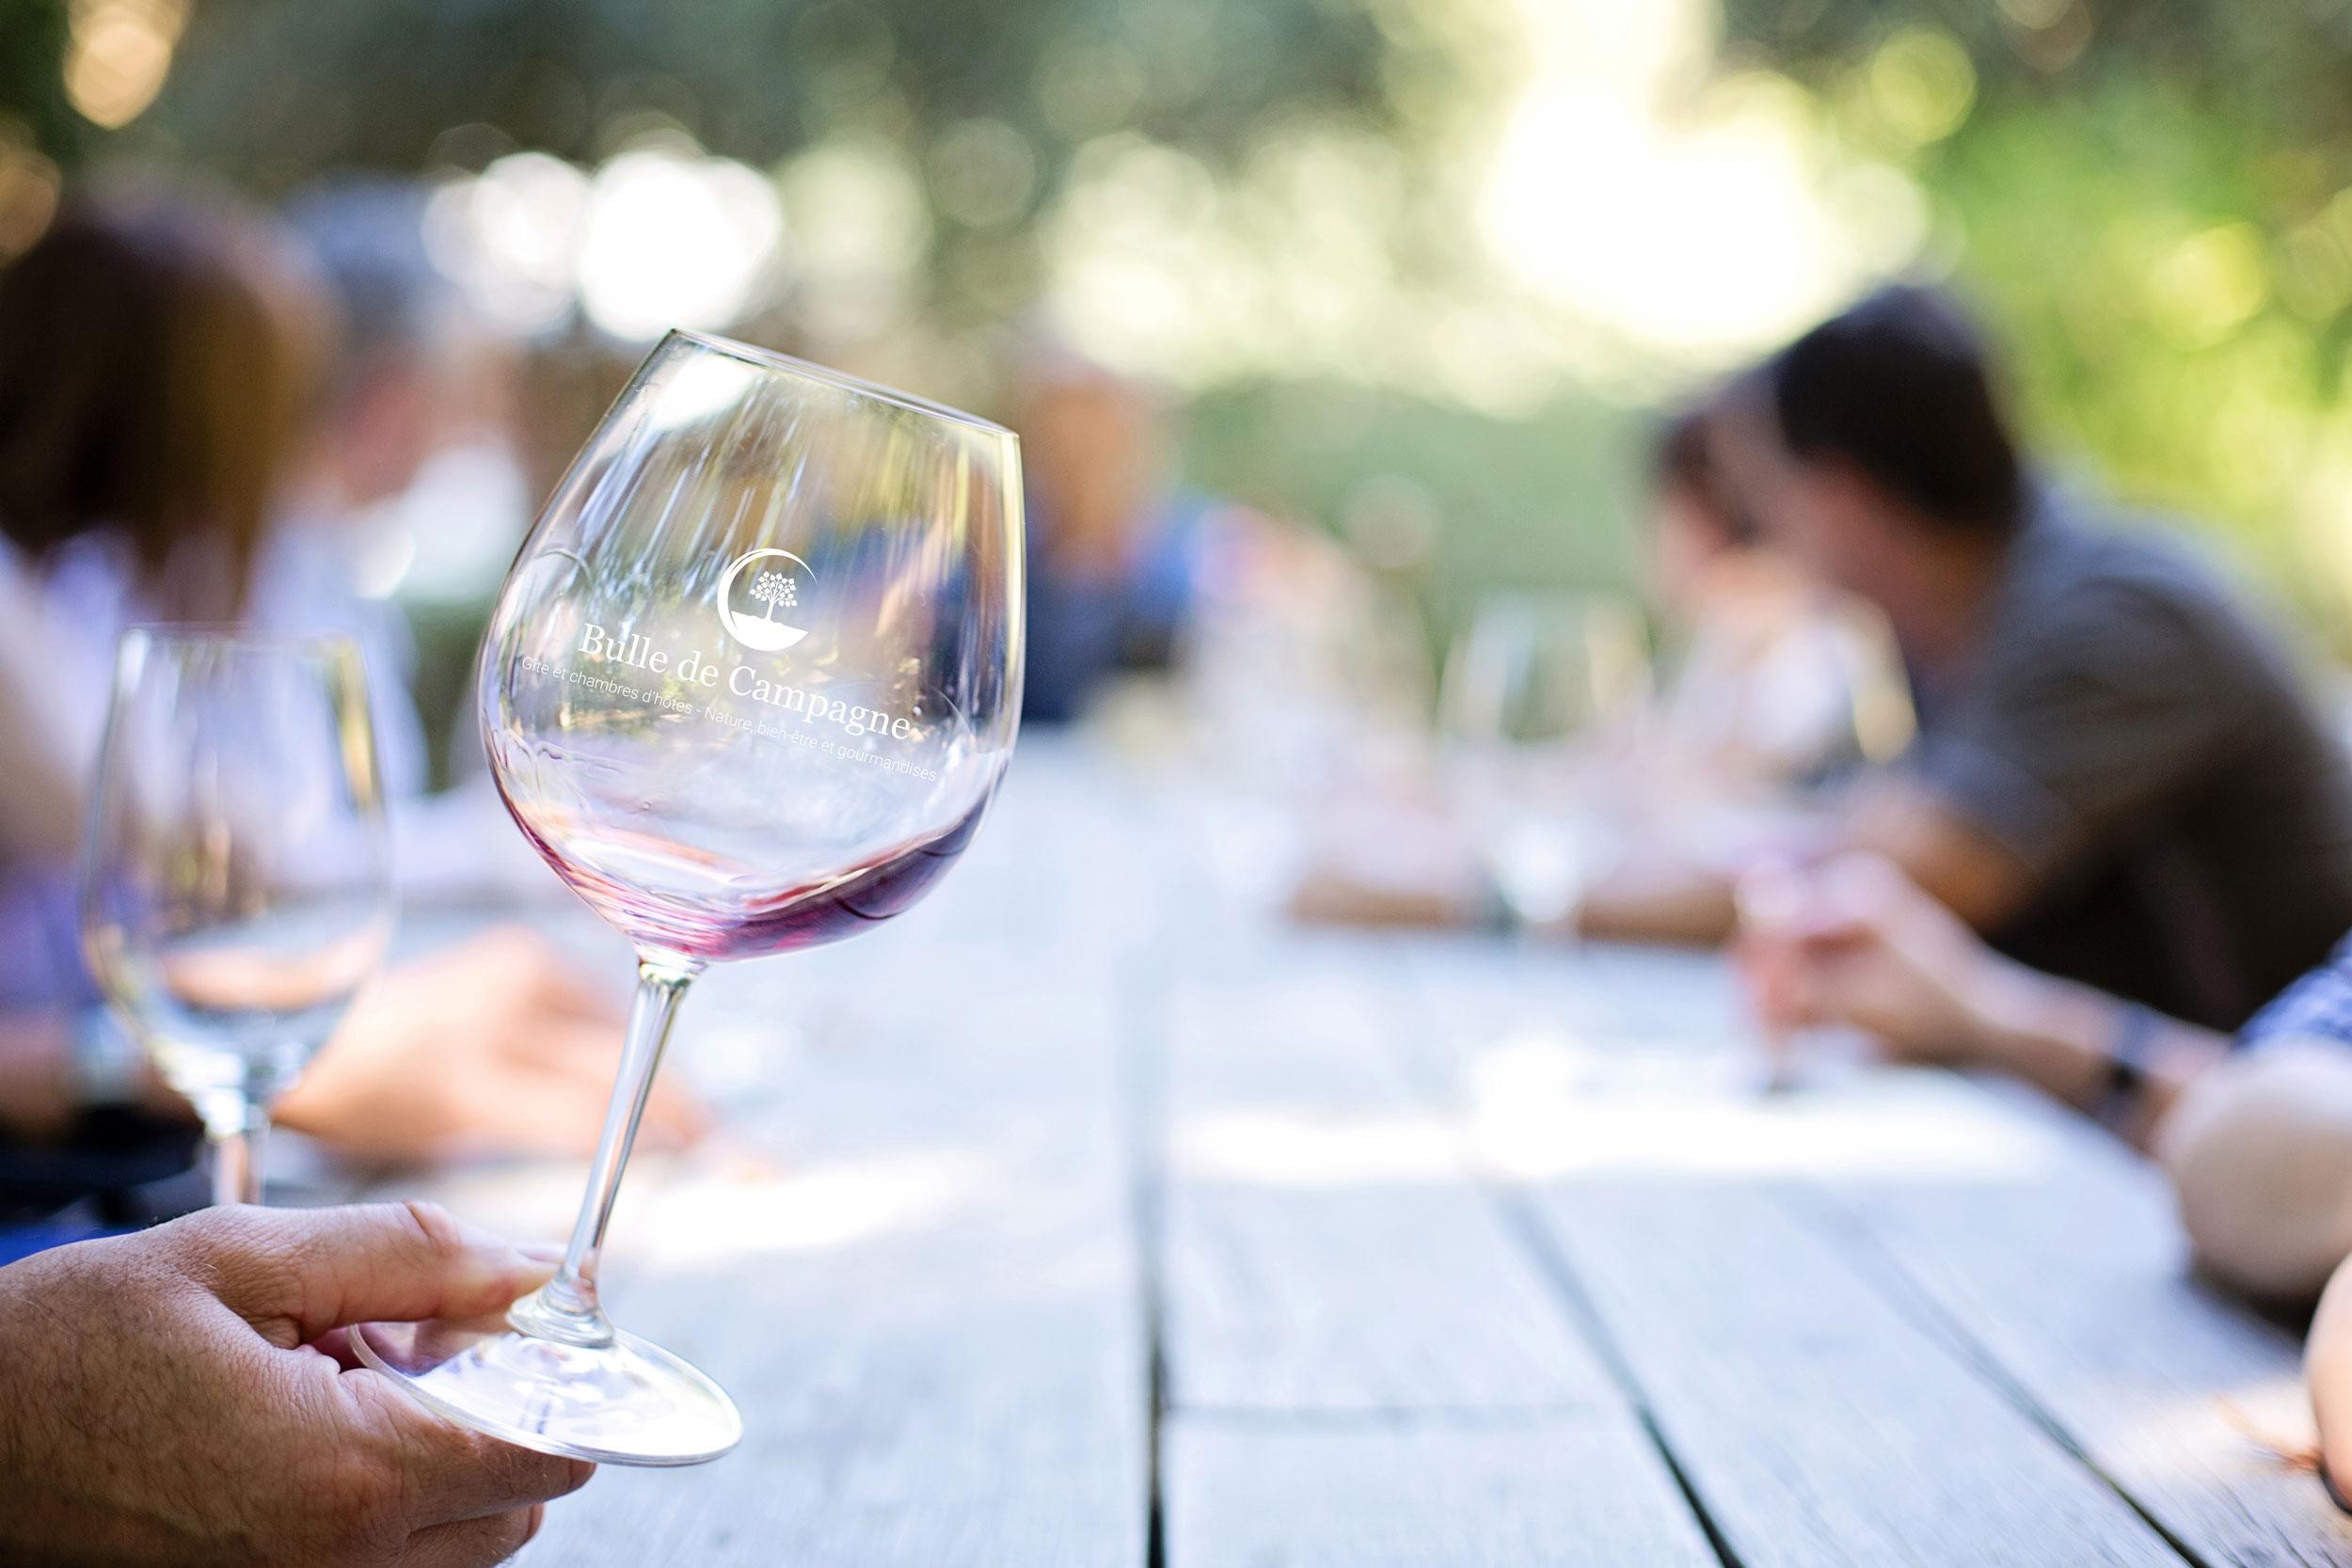 Logo Bulle de Campagne gravé sur un verre de vin